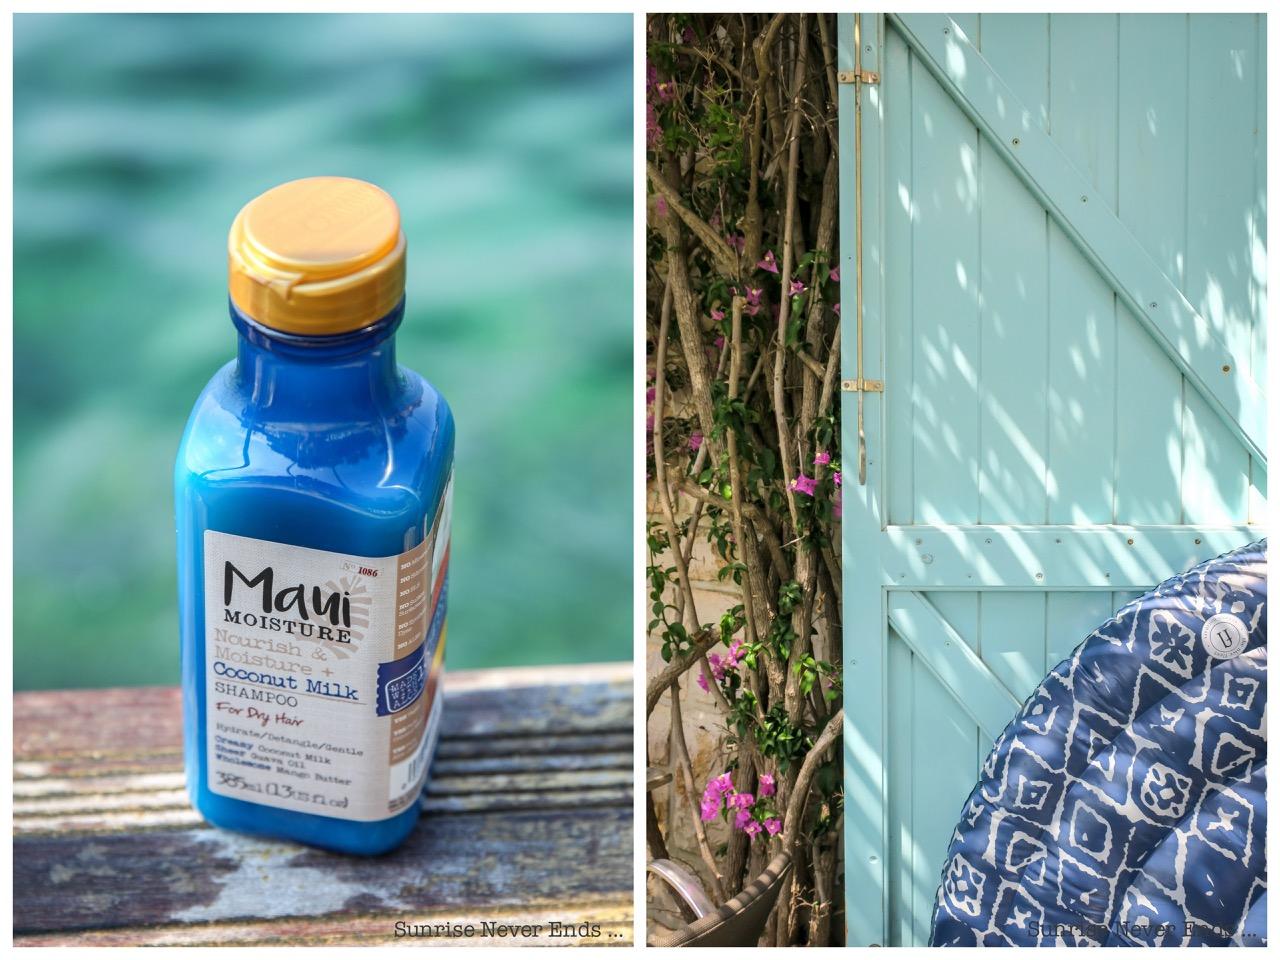 beauté,beauty,shampoo,conditioner,coconut,noix de coco,shampoing,maui moisture,coconut oil,l'atelier des dames,bijoux,presqu'ile de giens,giens,hotel le provençal,méditerrannée